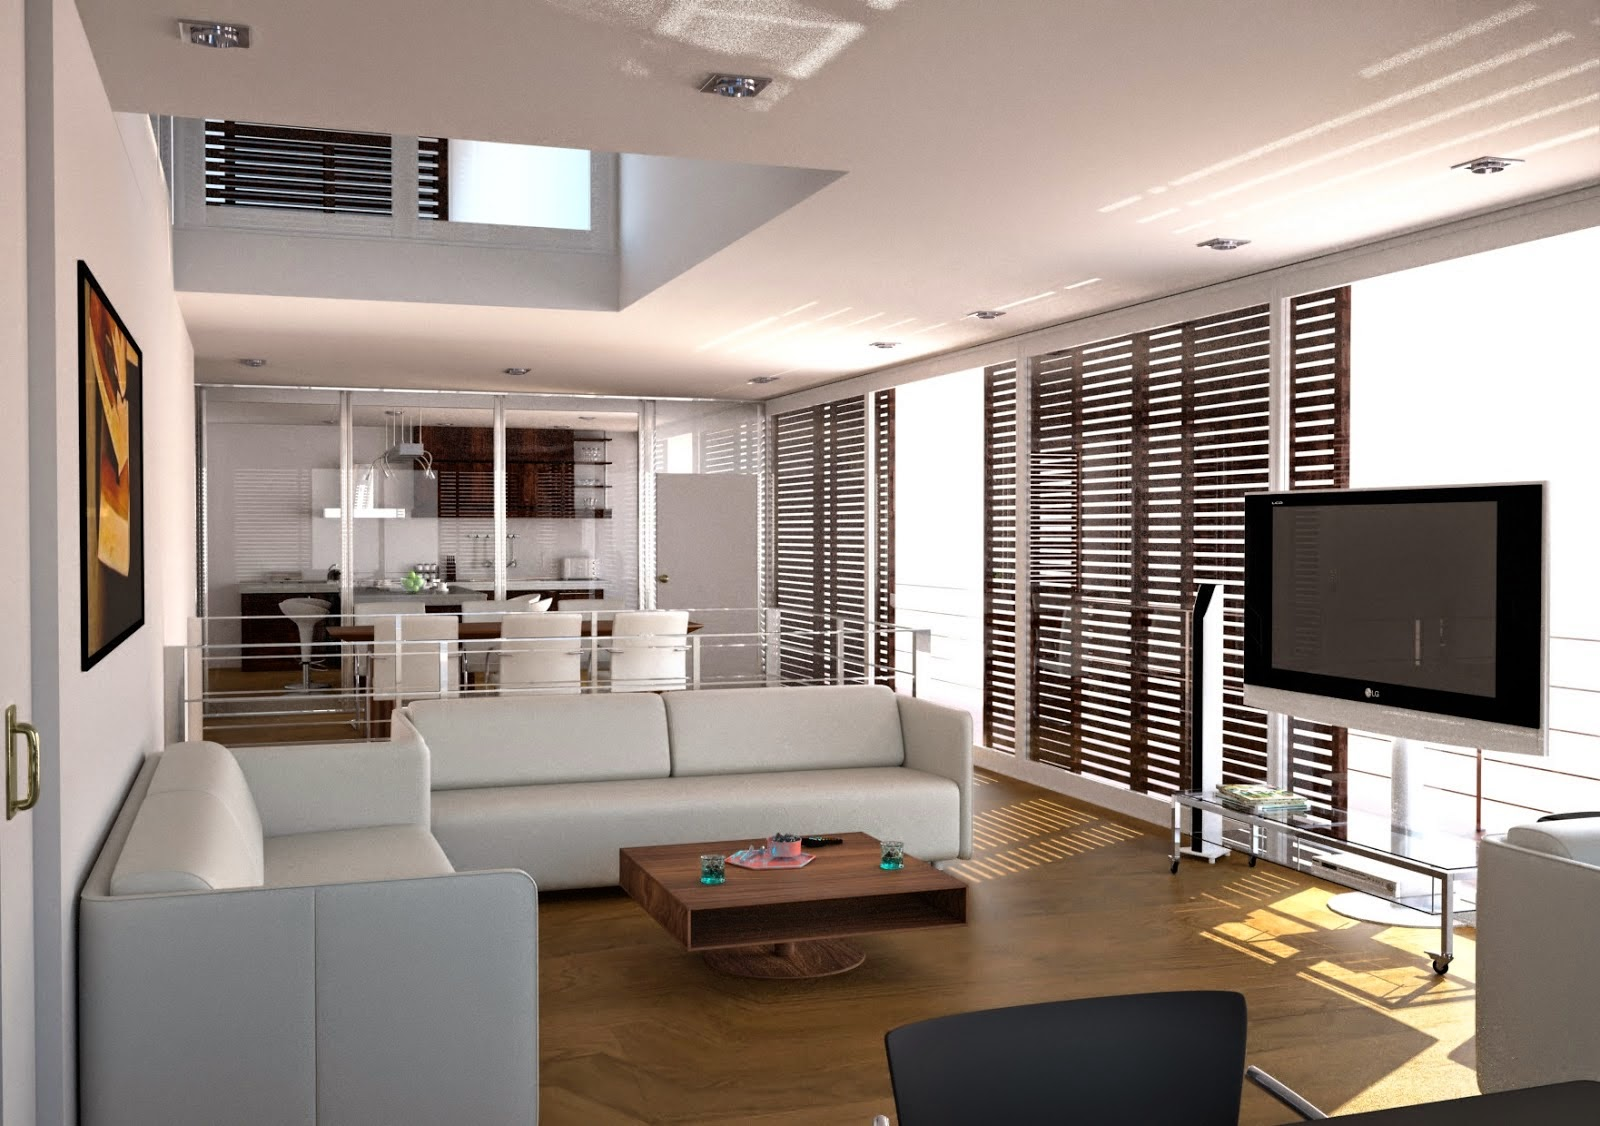 Comfortable home interior design